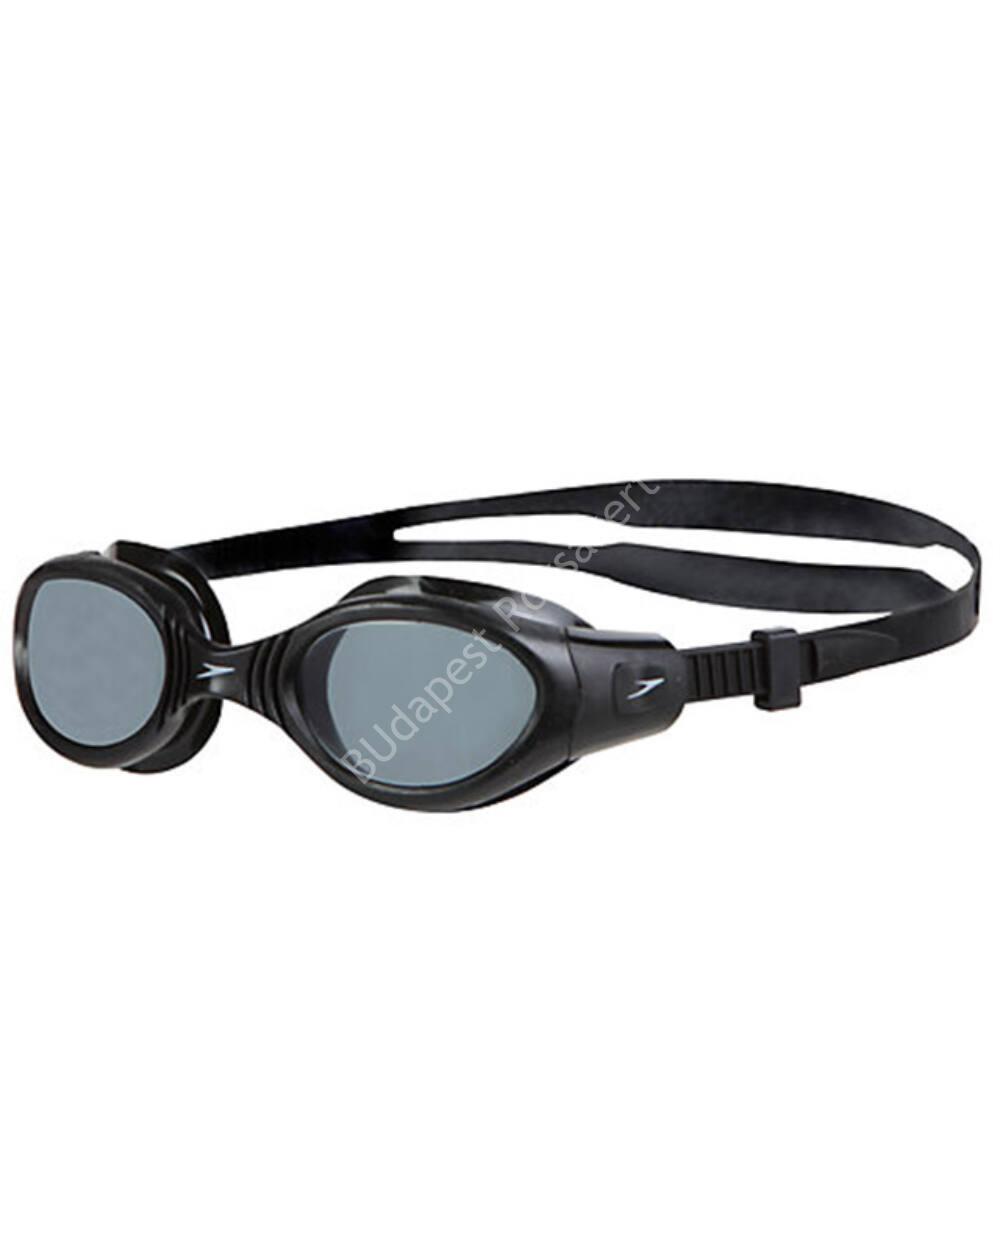 Speedo úszószemüveg felnőttek részére 720e8626fc